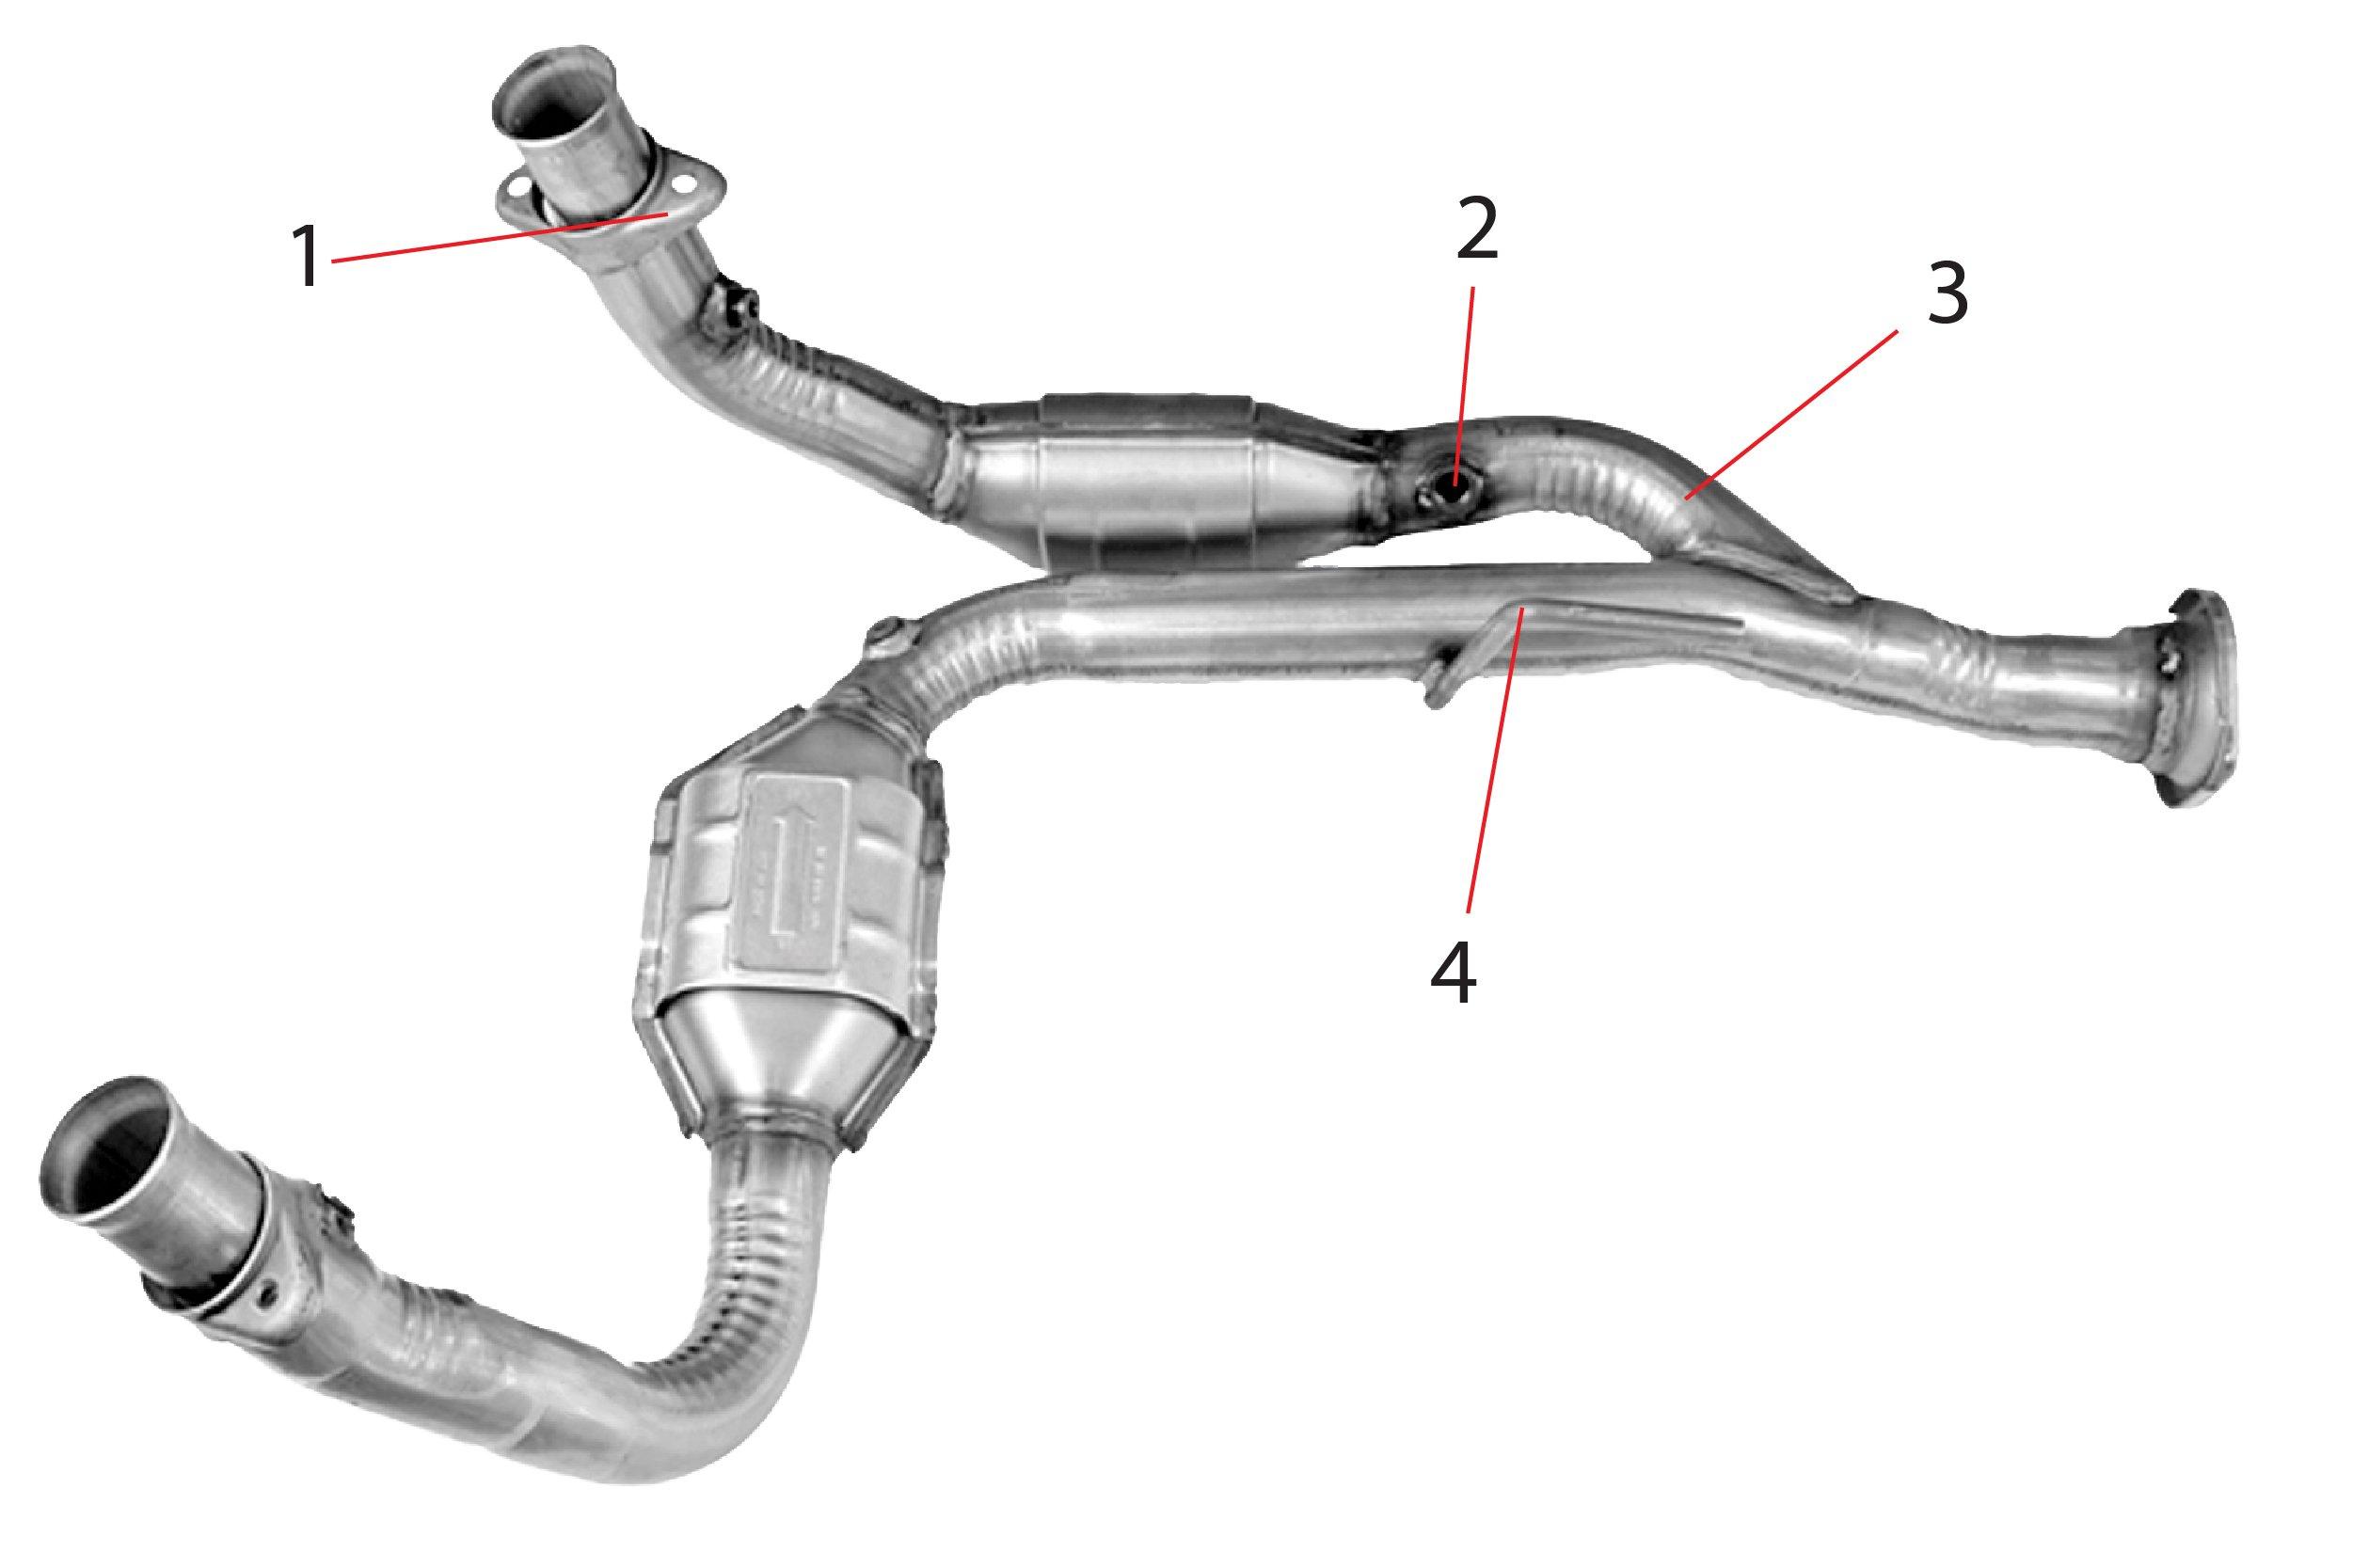 2002 Ford Ranger Catalytic Converter Diagram